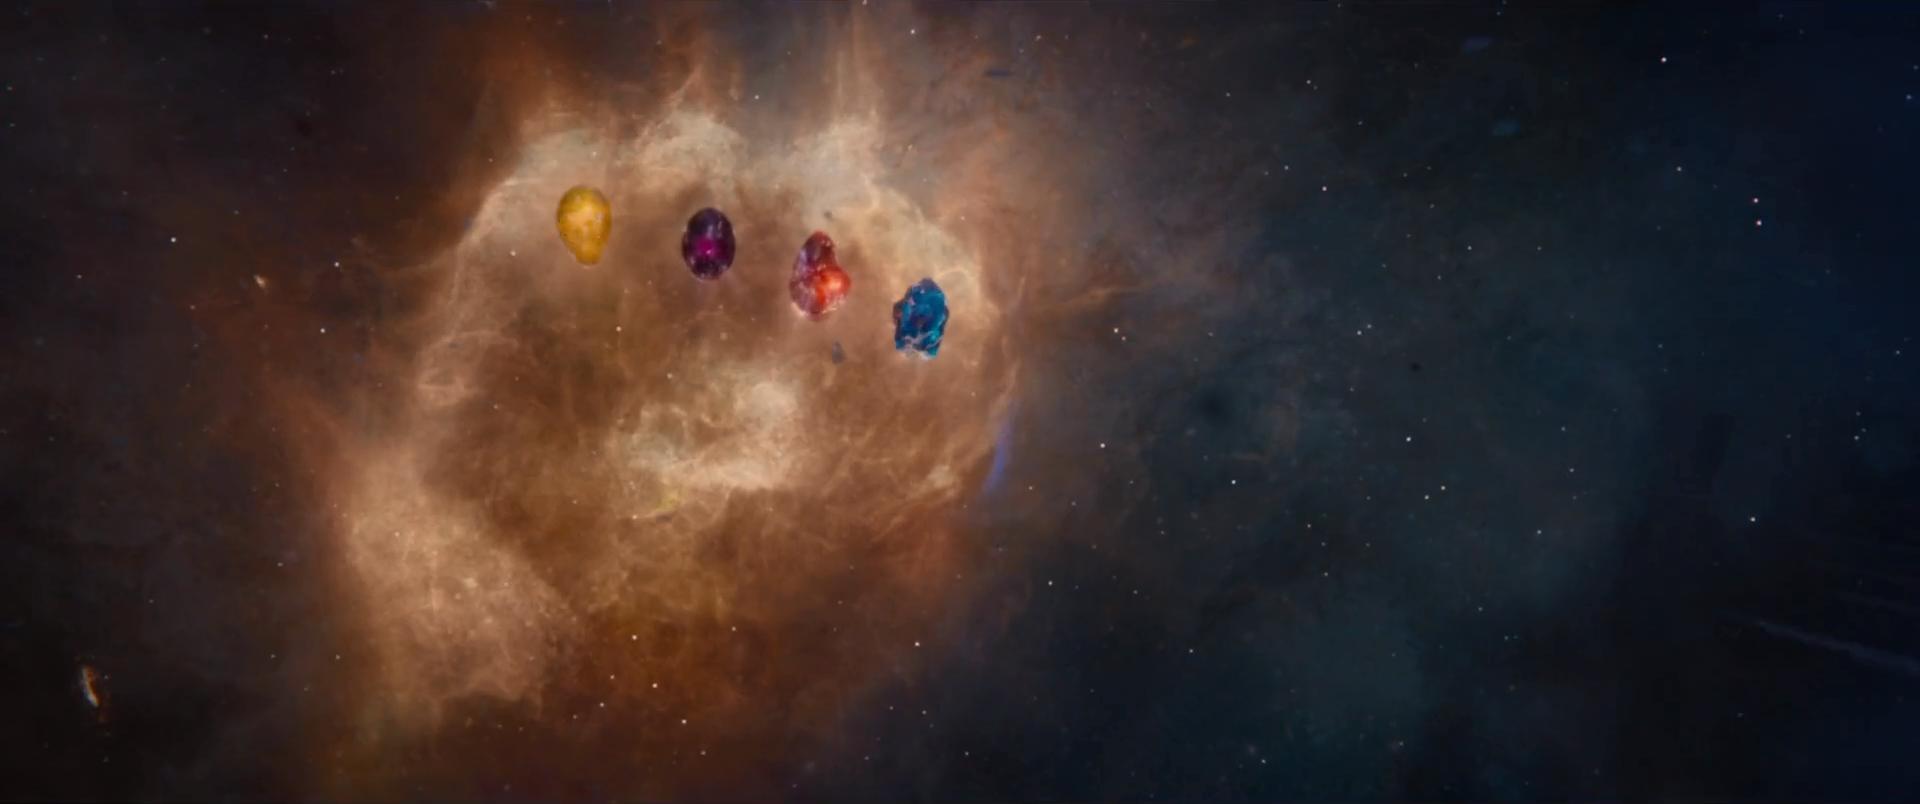 Guardianes de la Galaxia Vol. 2 no tendrá piedra infinita